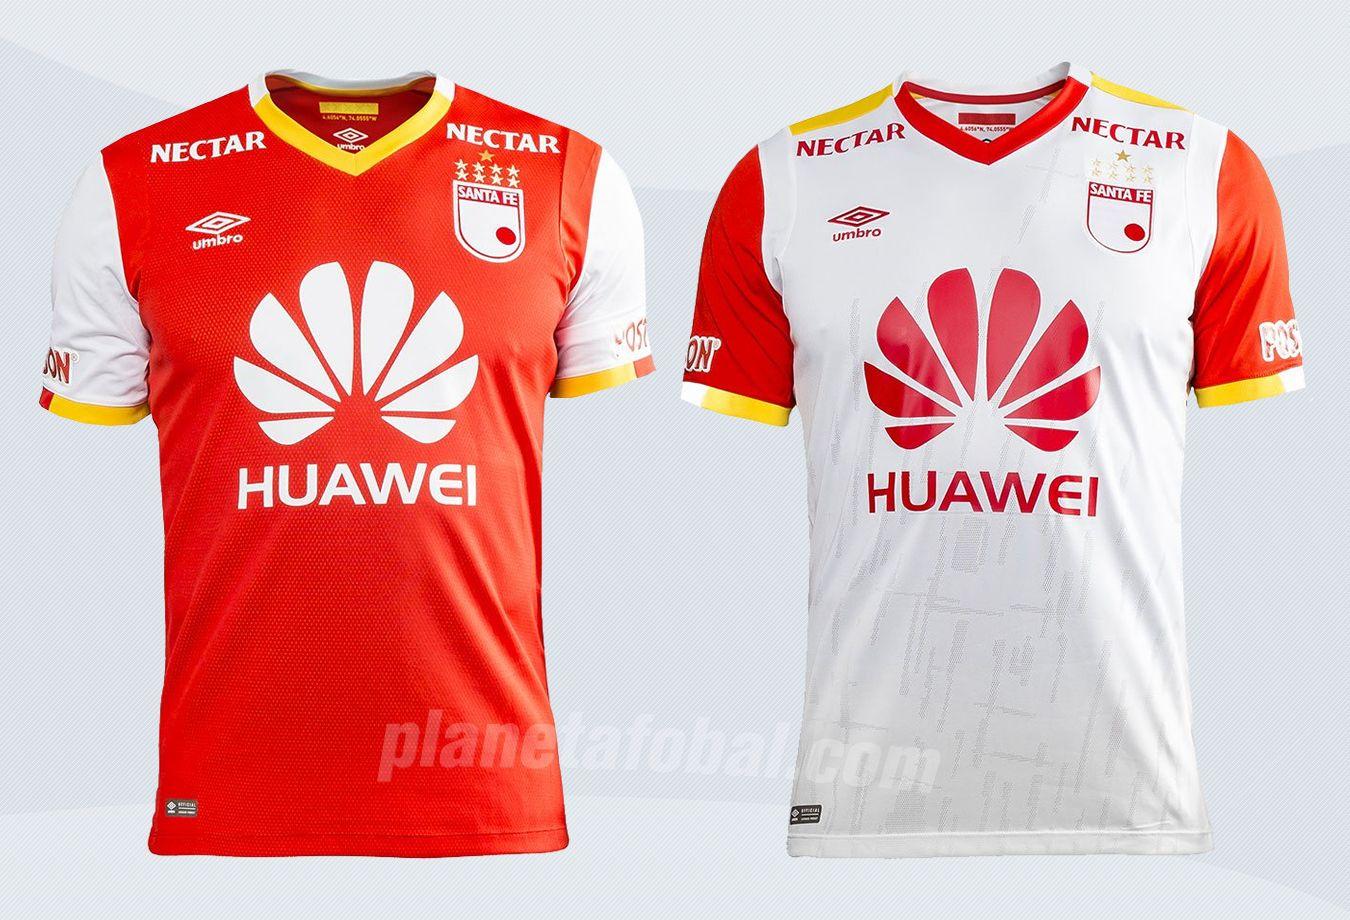 Camisetas Umbro de Independiente Santa Fe para 2017 | Imágenes web oficial